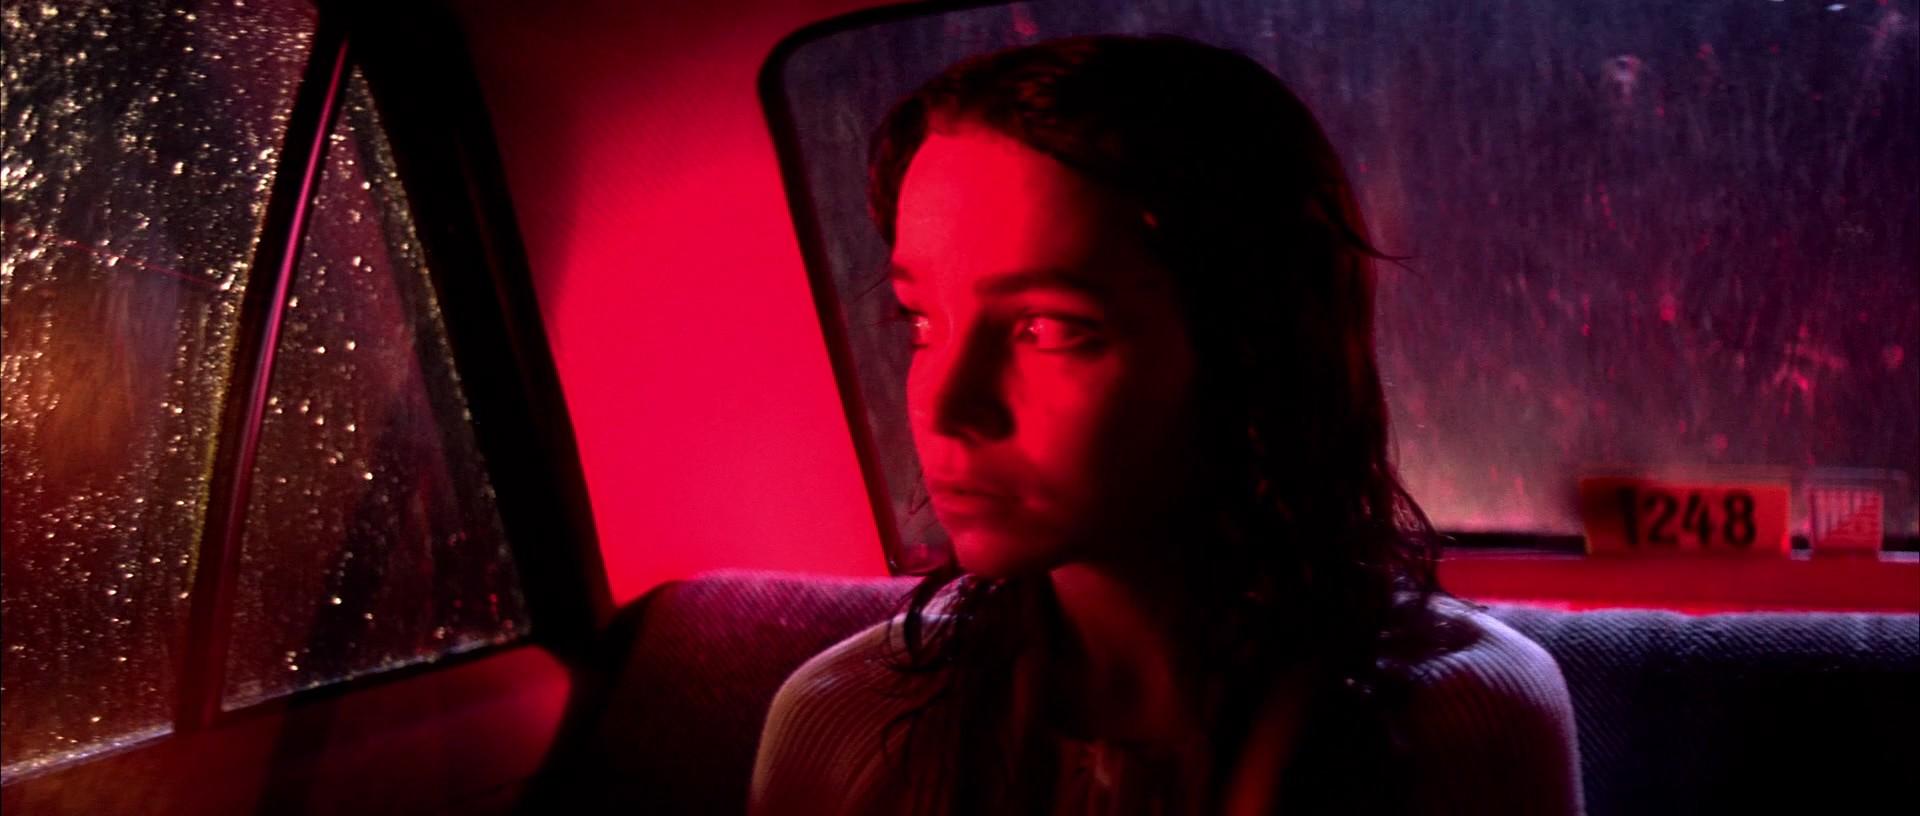 """Jessica Harper auf dem Weg ins Verderben im originalen """"Suspiria"""""""